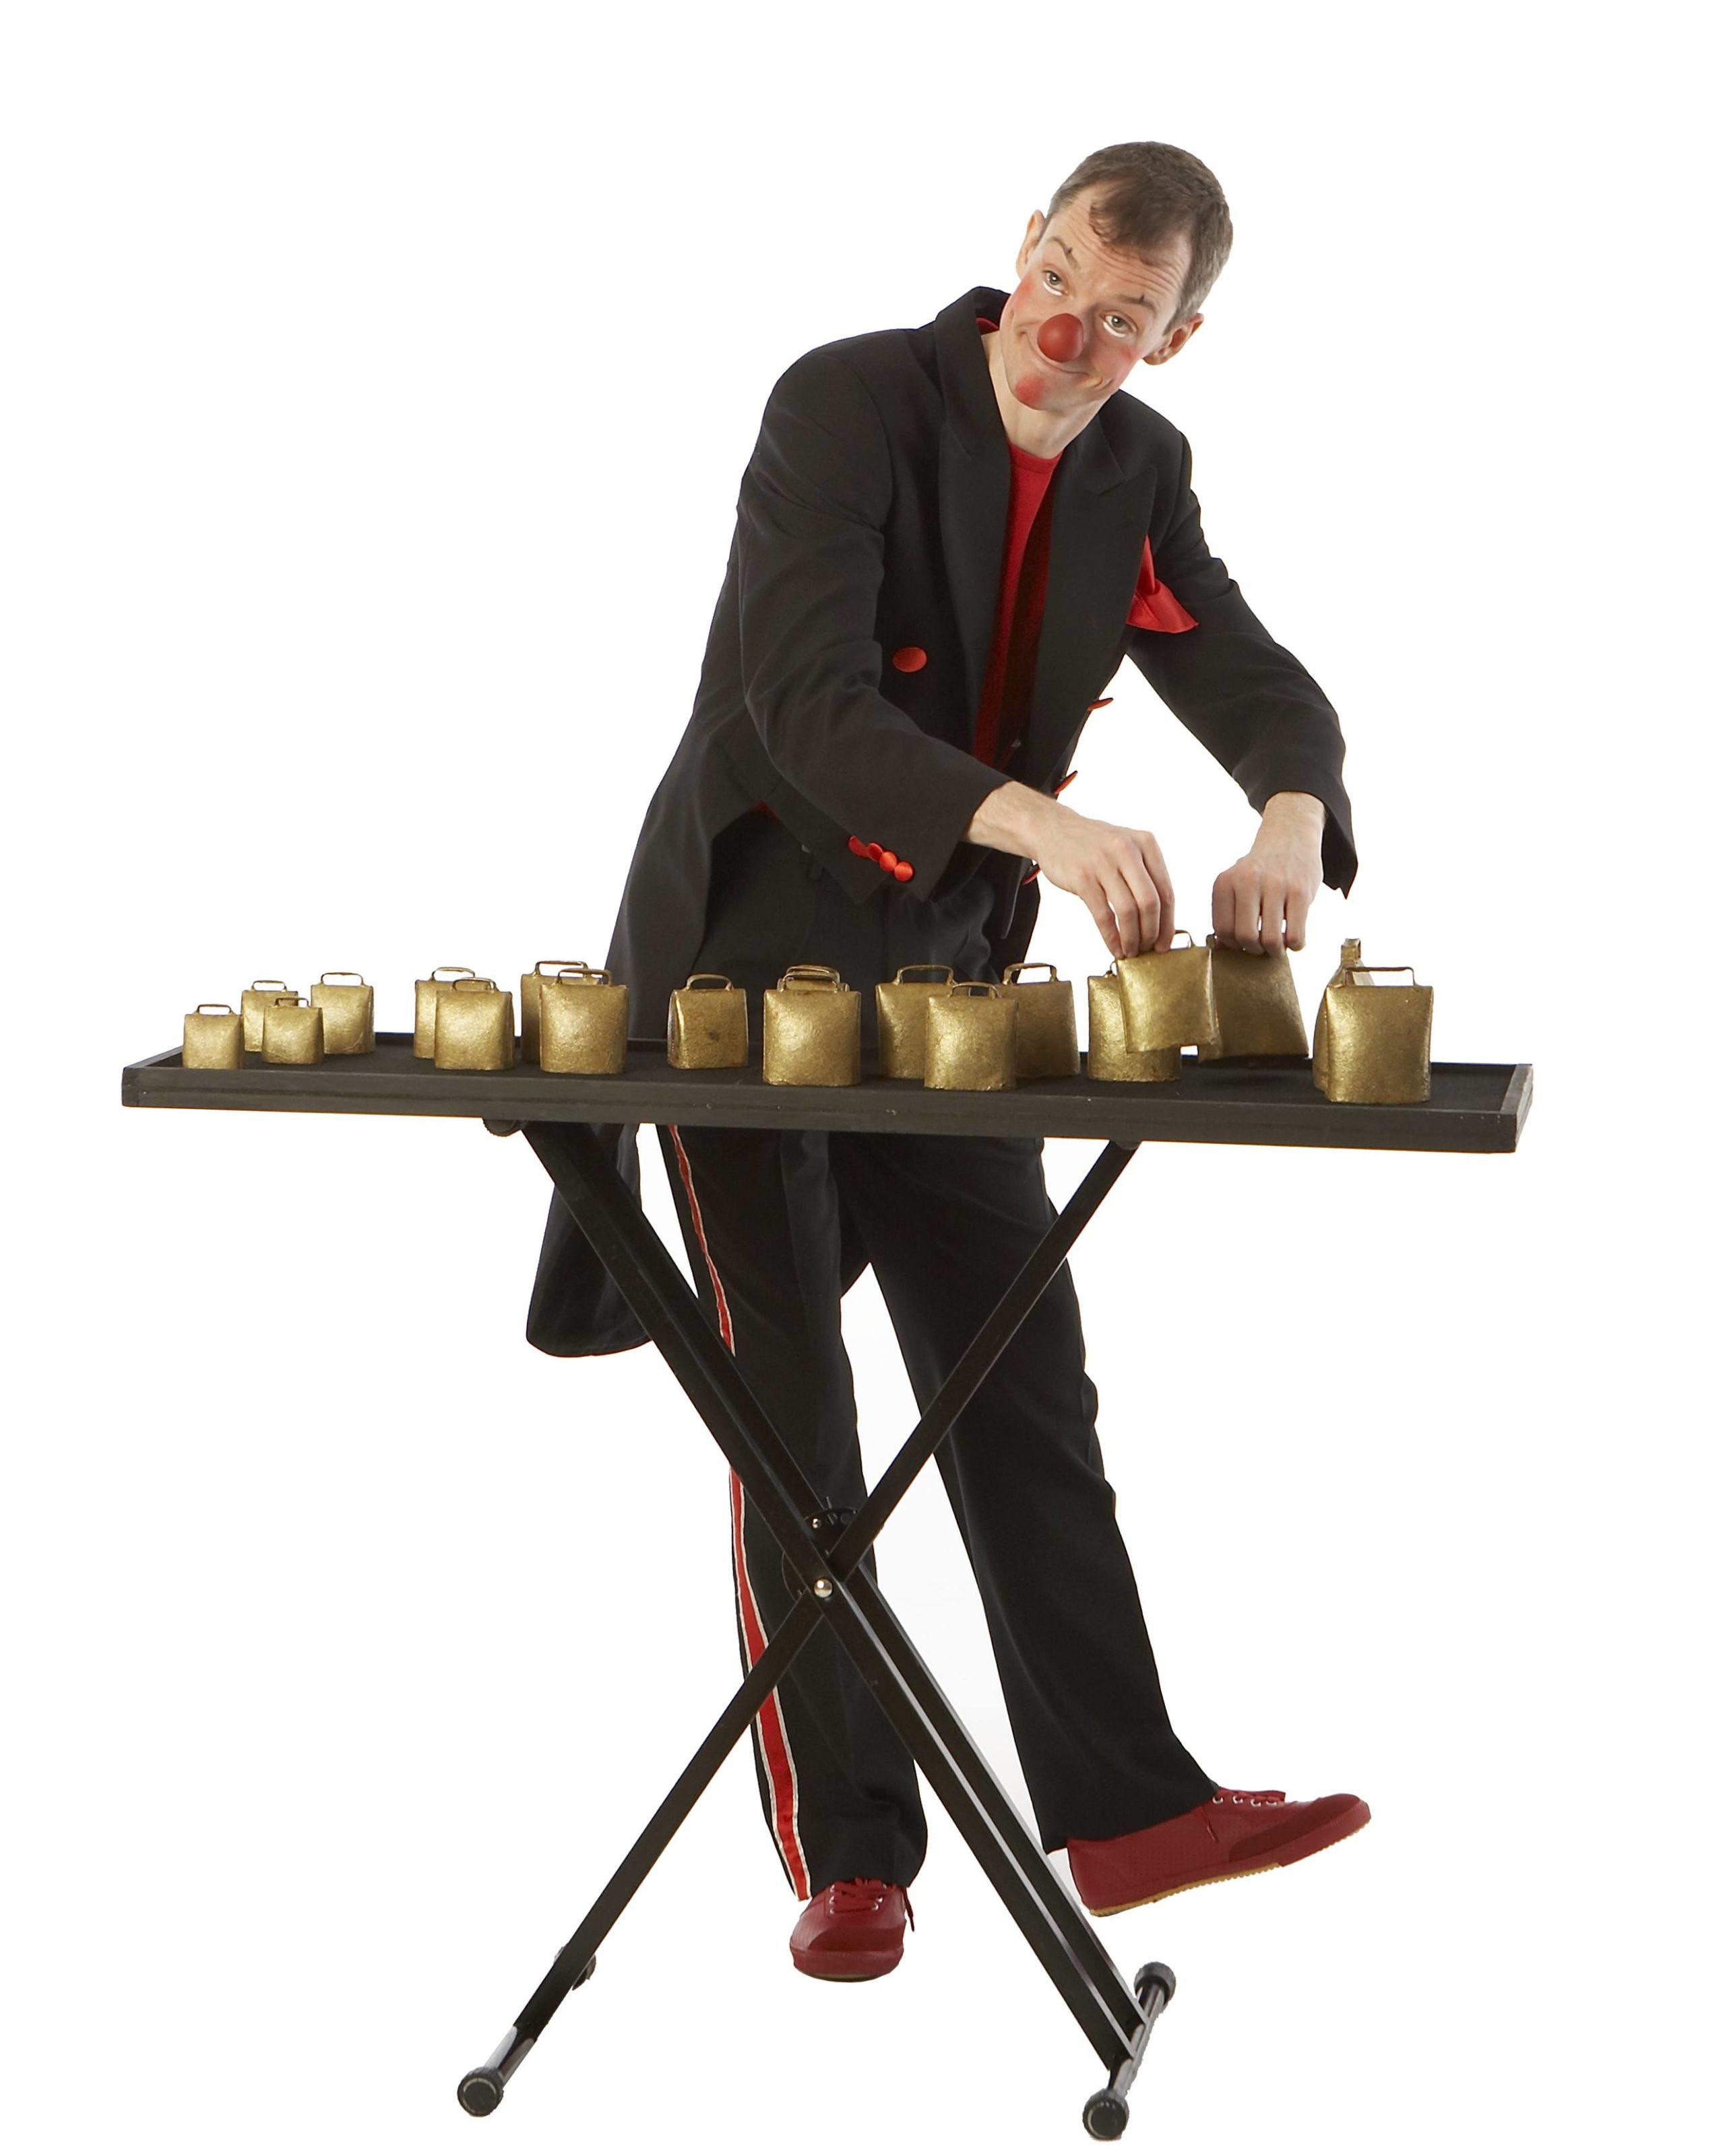 Klovnen Tapé spiller på klokkespil